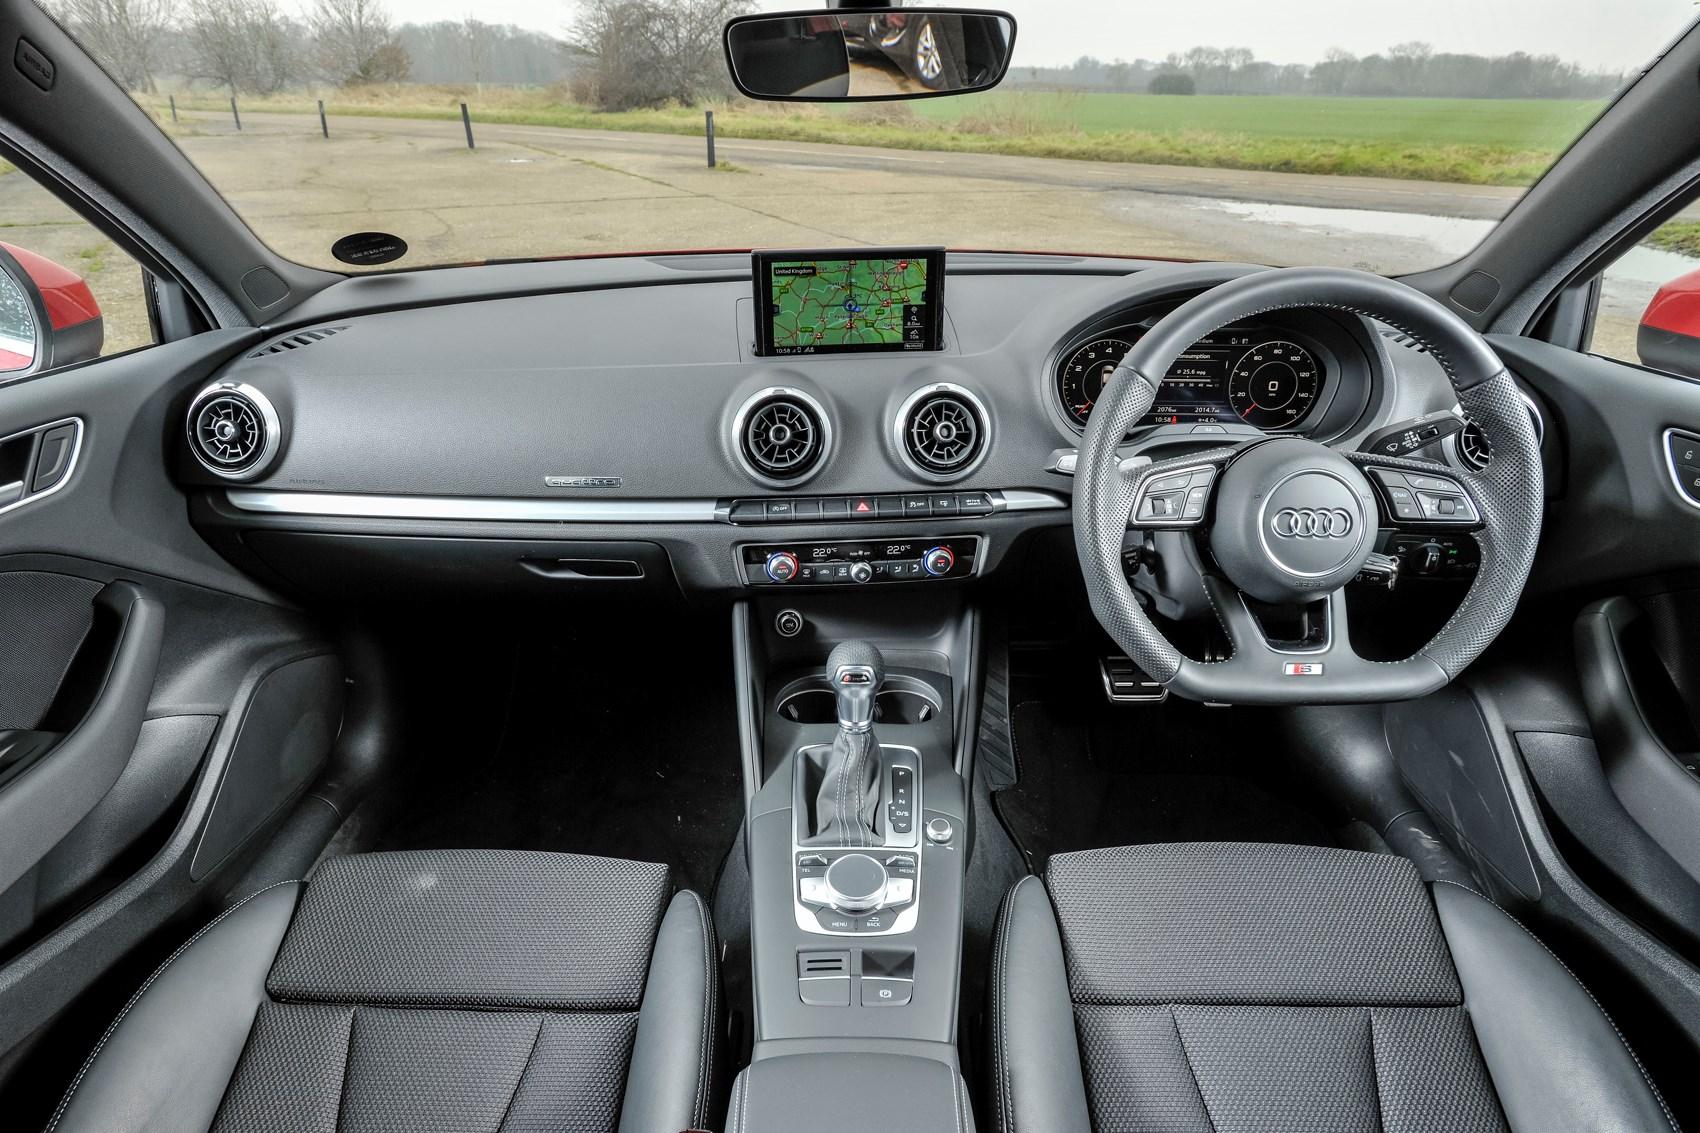 Audi A3 Saloon long-term review | Parkers